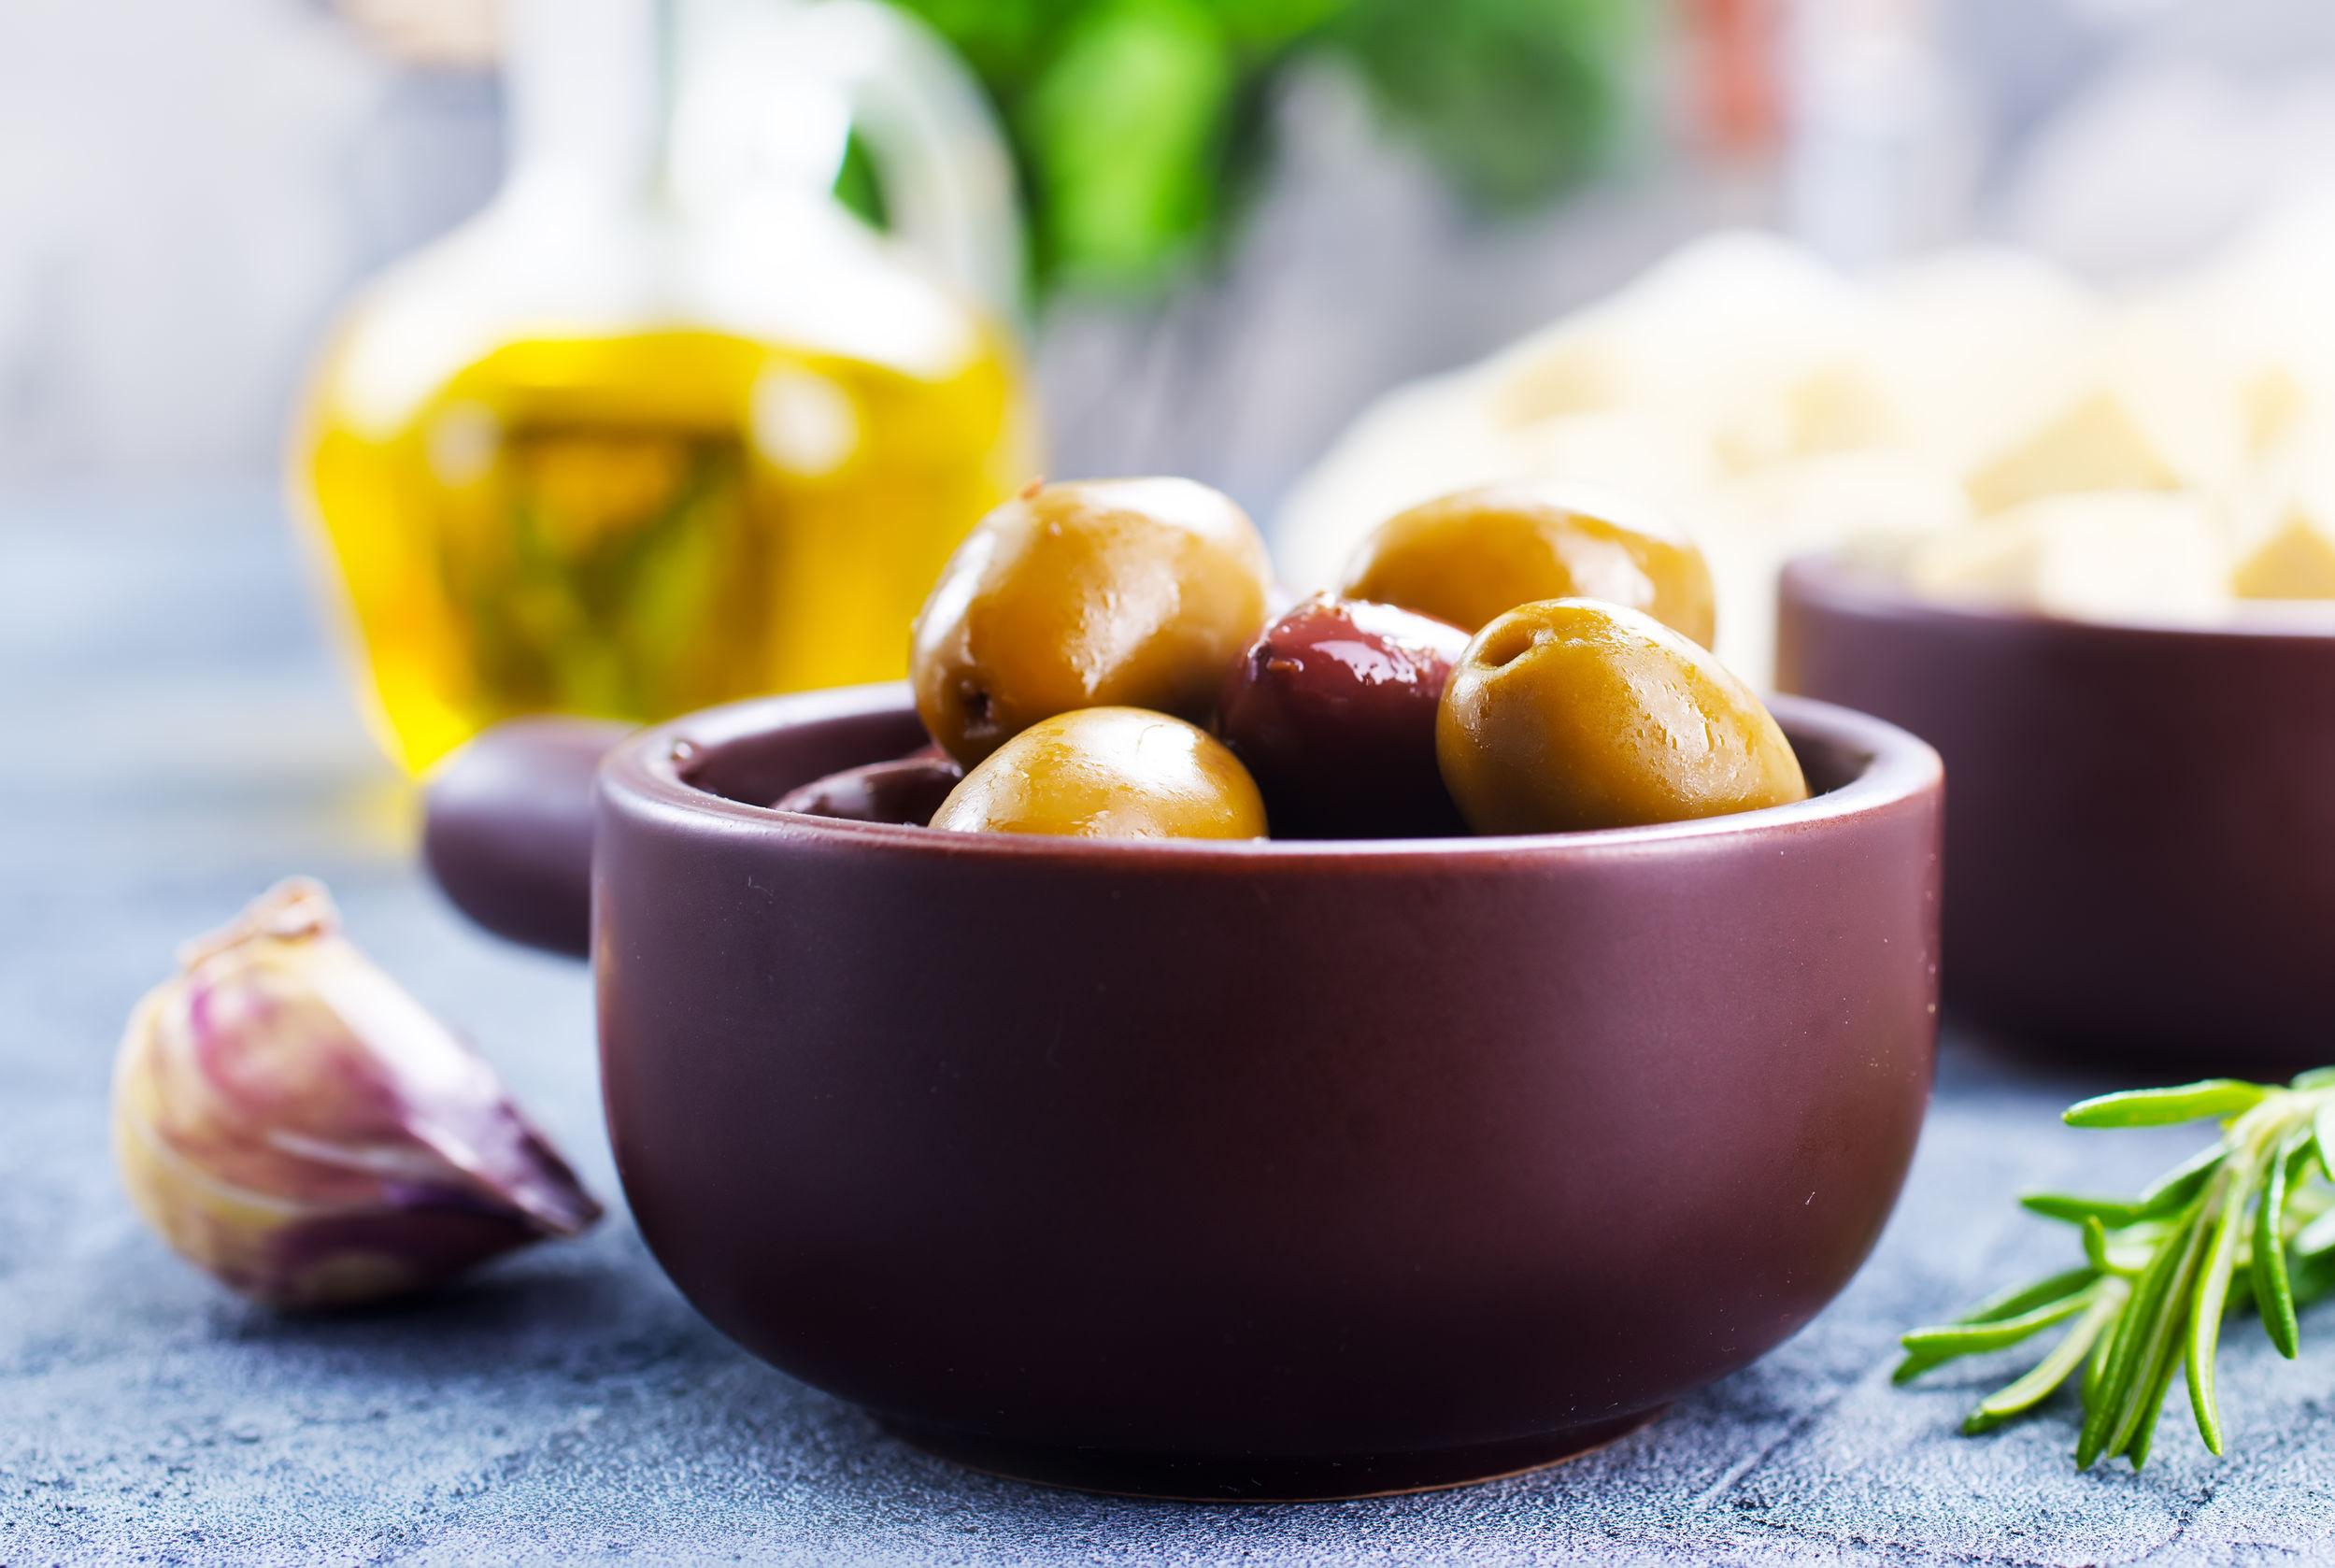 Olivenblattextrakt: Test & Empfehlungen (04/20)